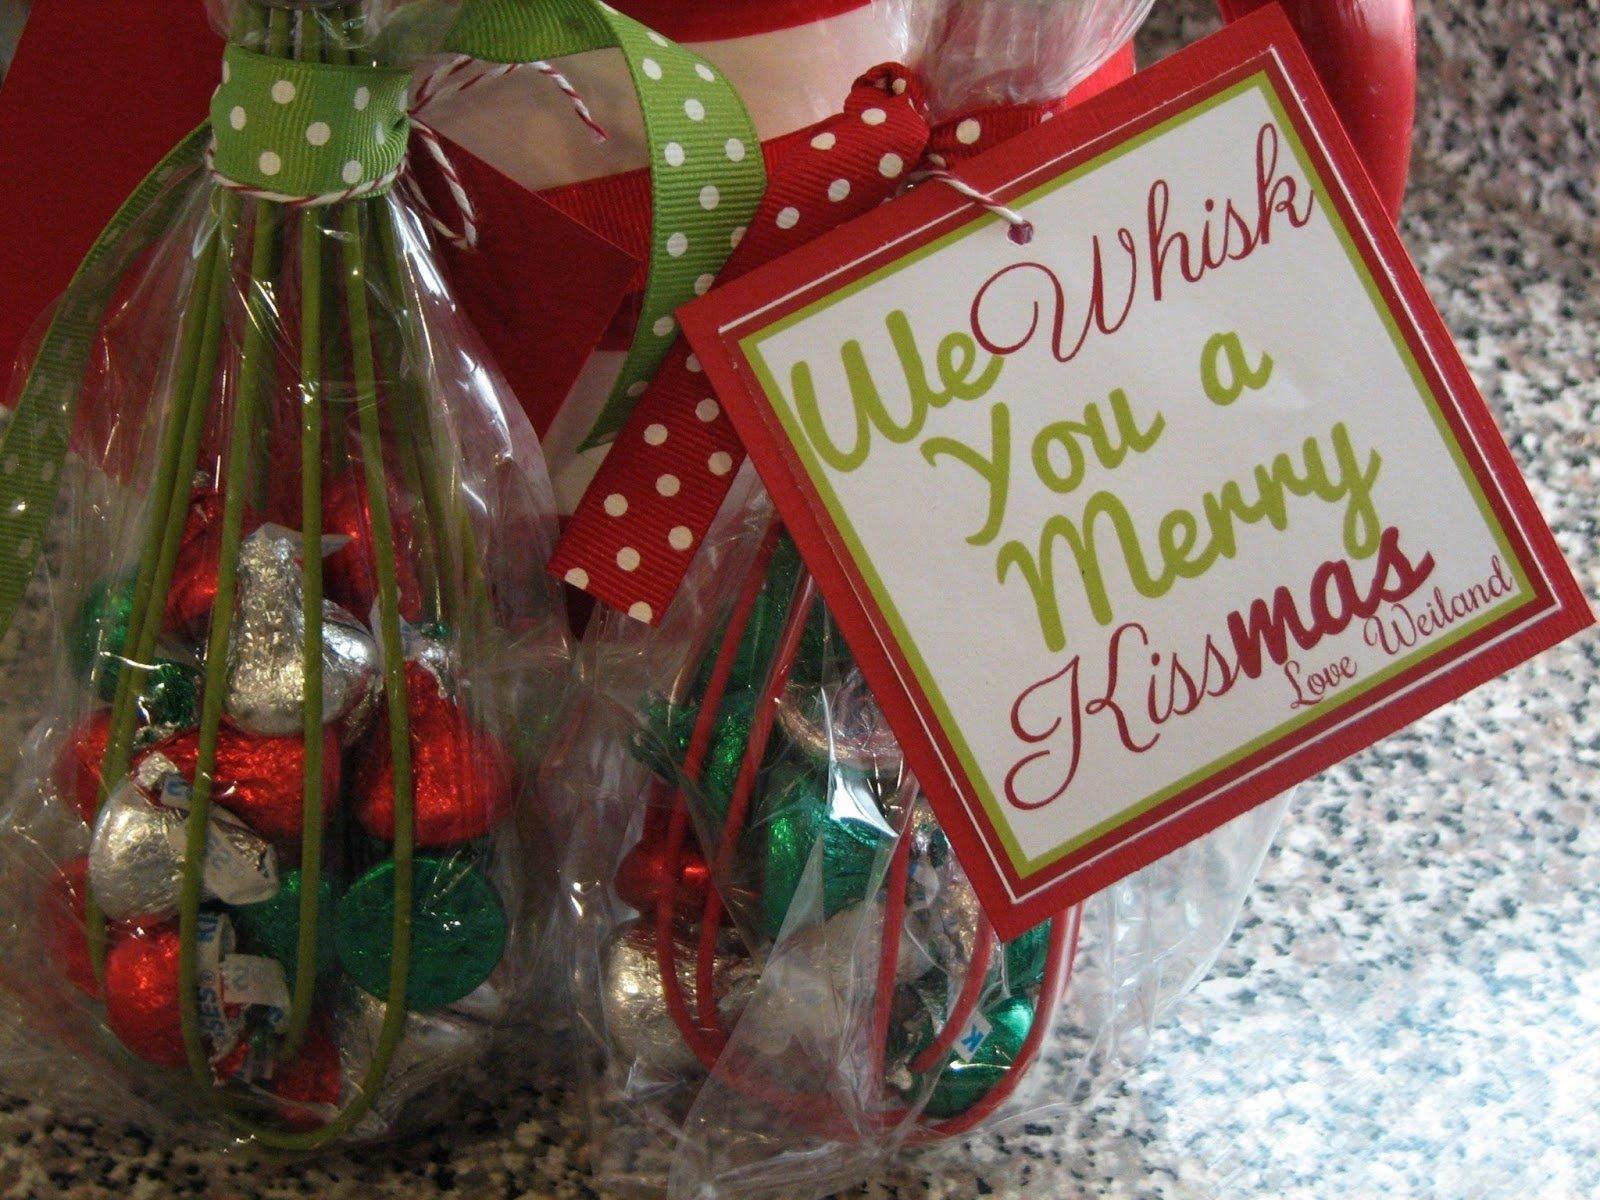 christmas gift ideas for preschool teachers | moviepulse